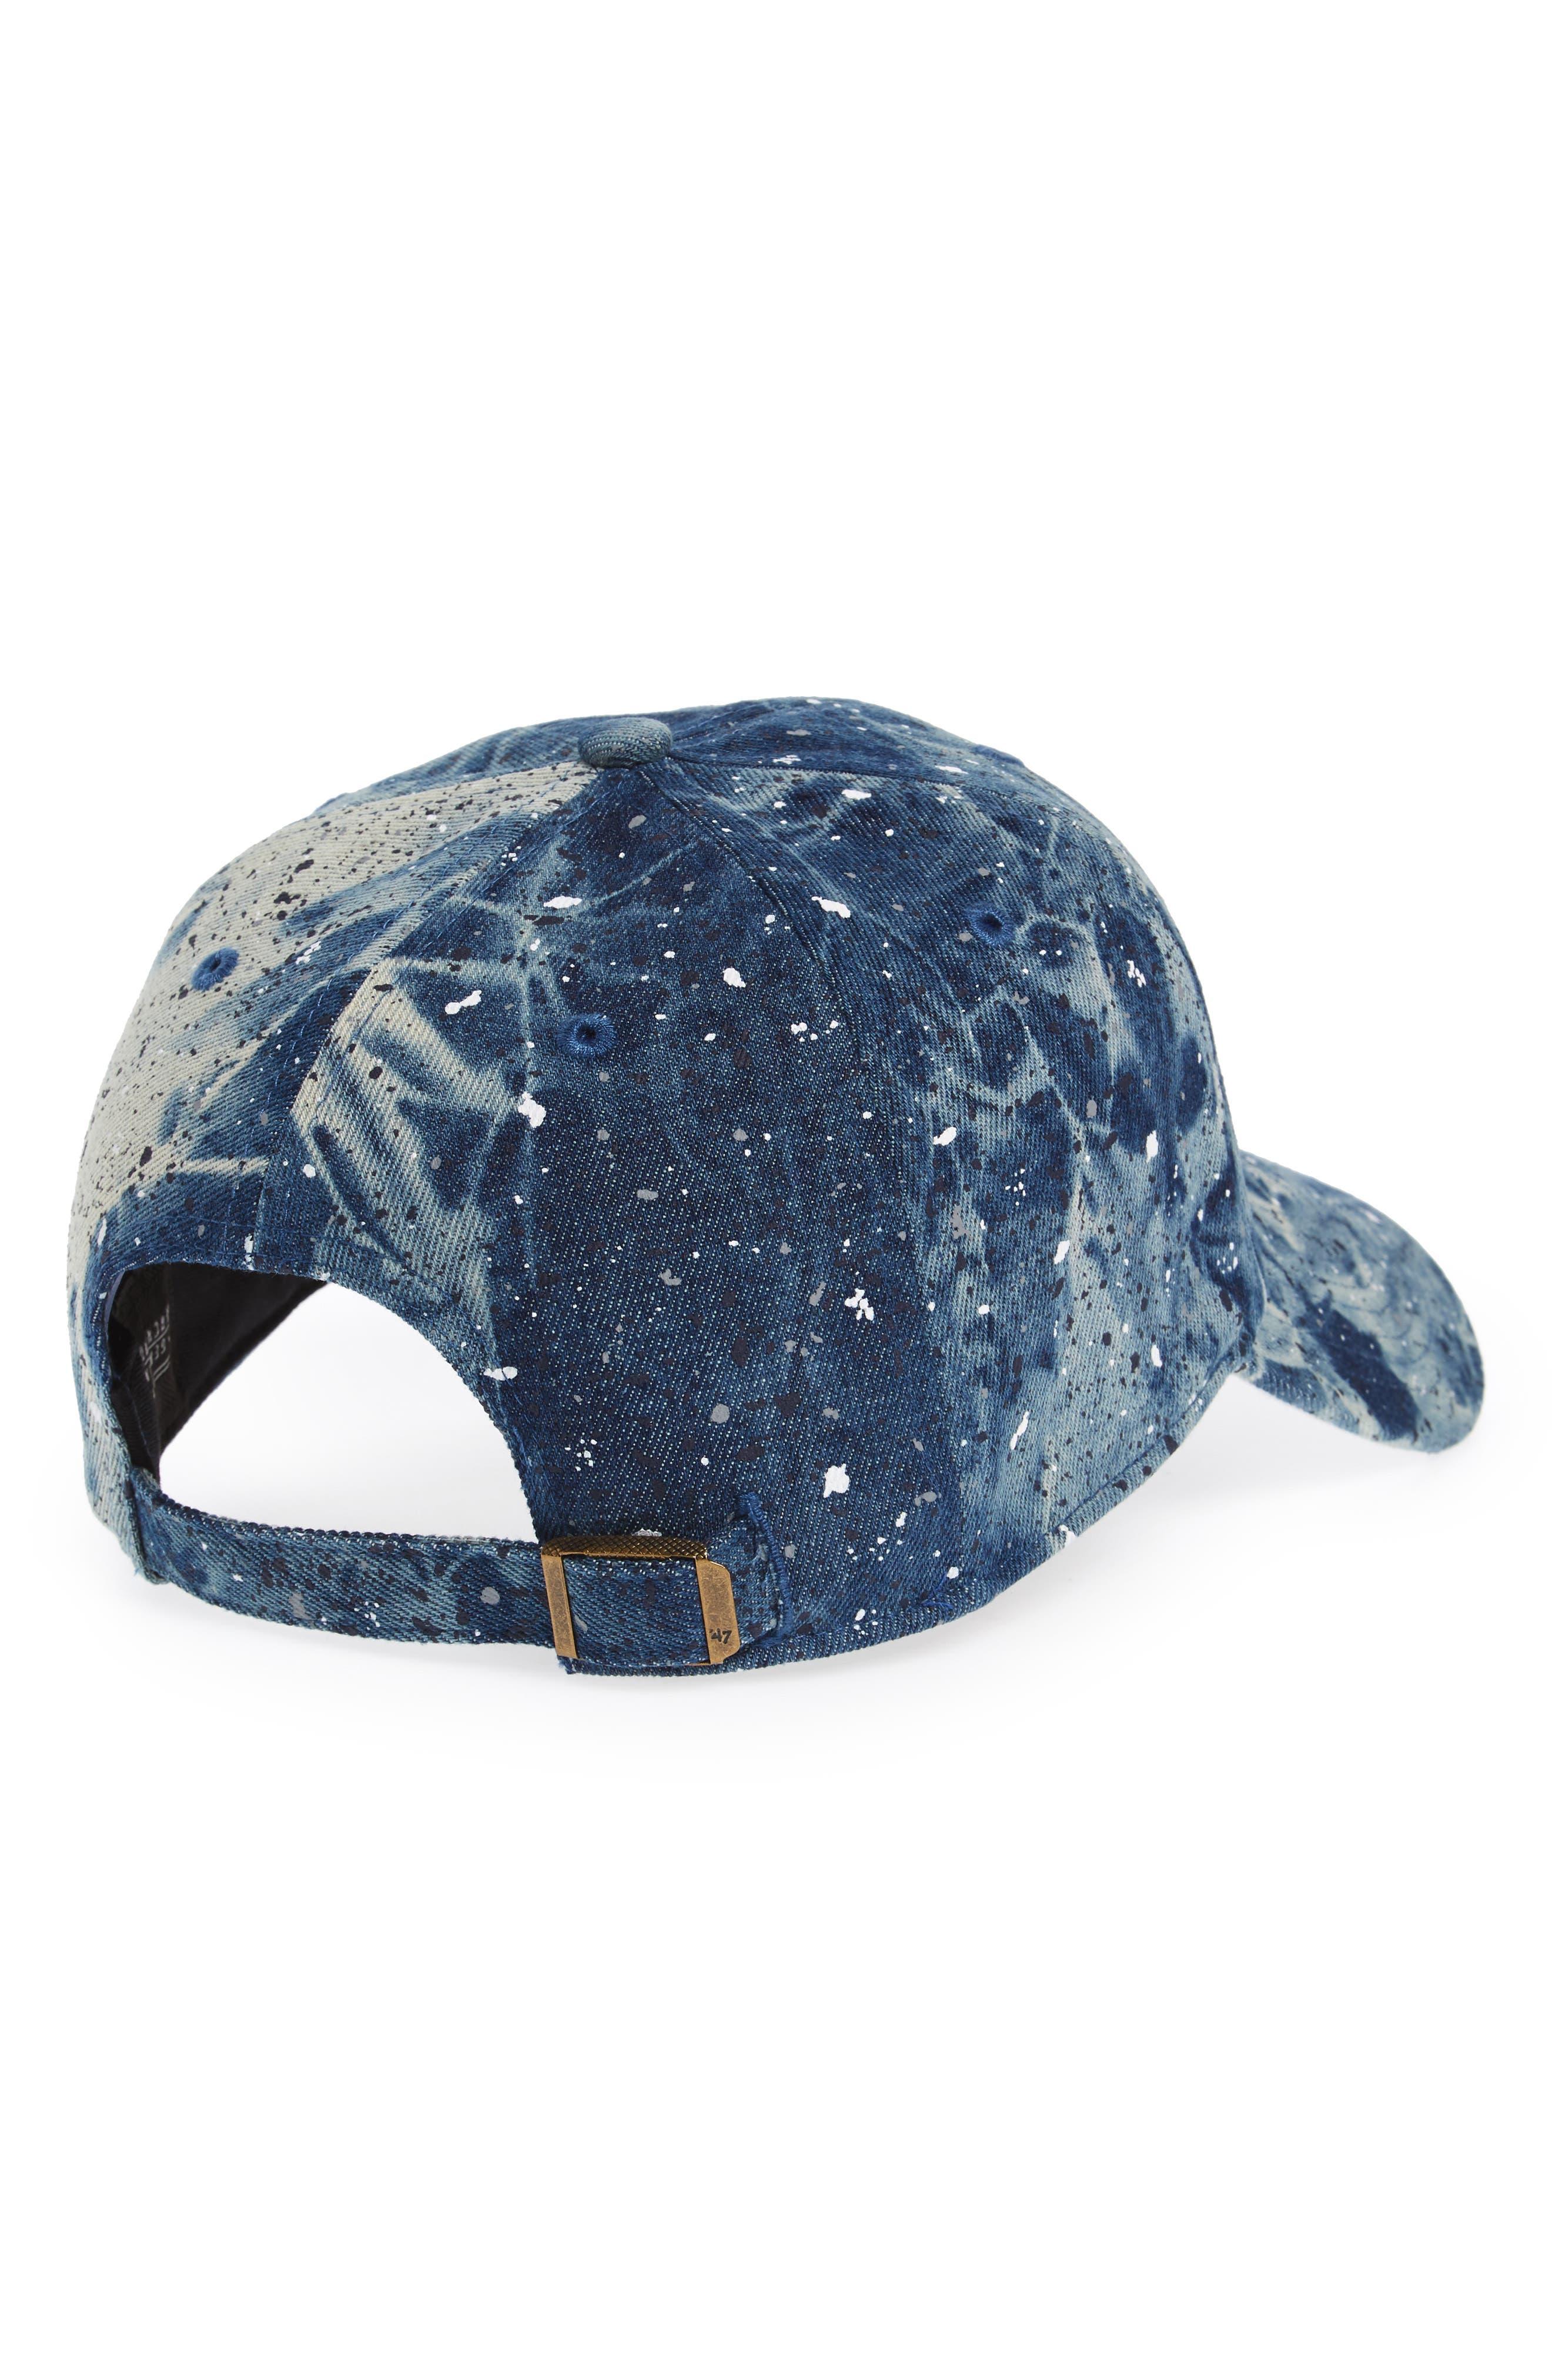 New York Yankees - Blue Splatter Baseball Cap,                             Alternate thumbnail 2, color,                             400